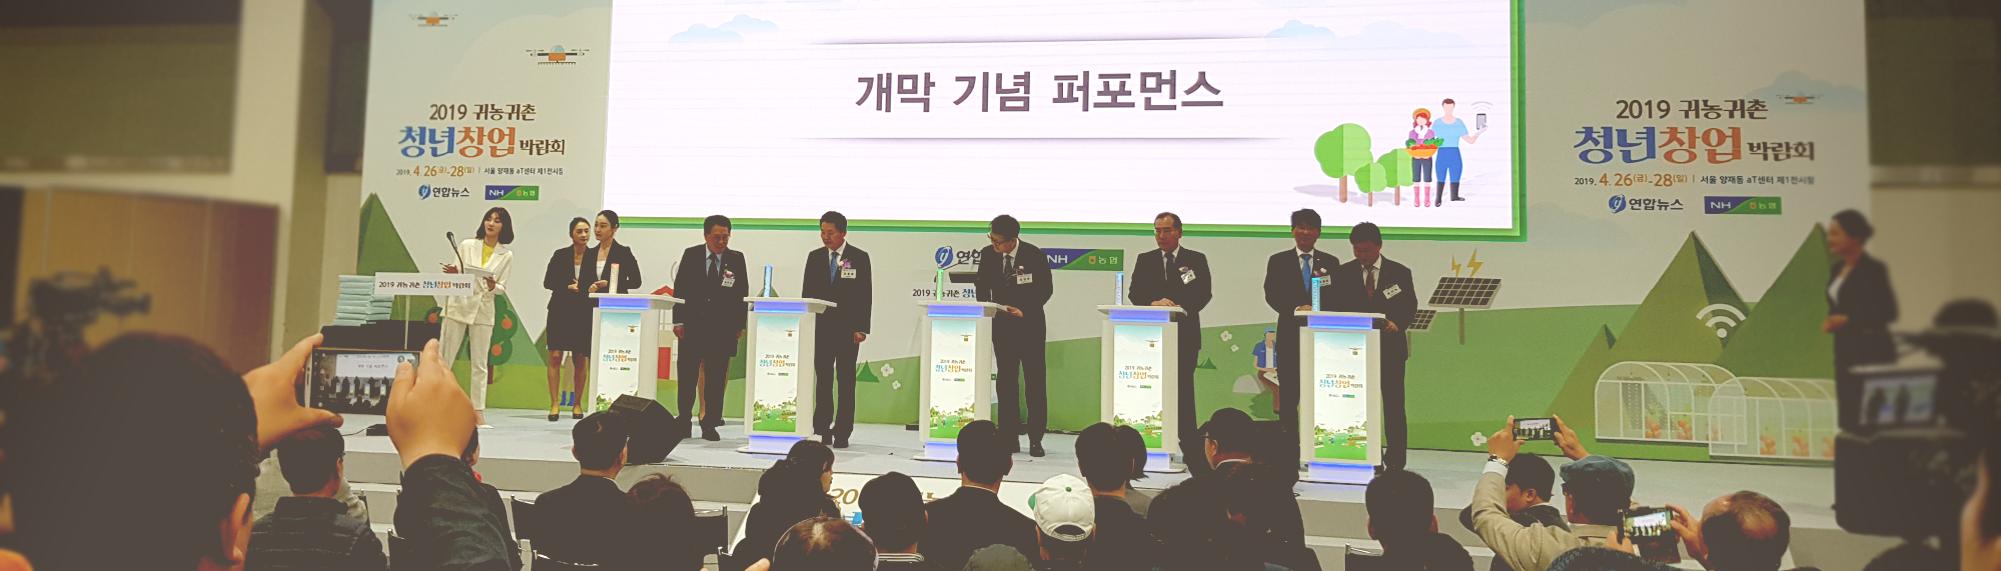 2019 귀농귀촌 청년창업 박람회